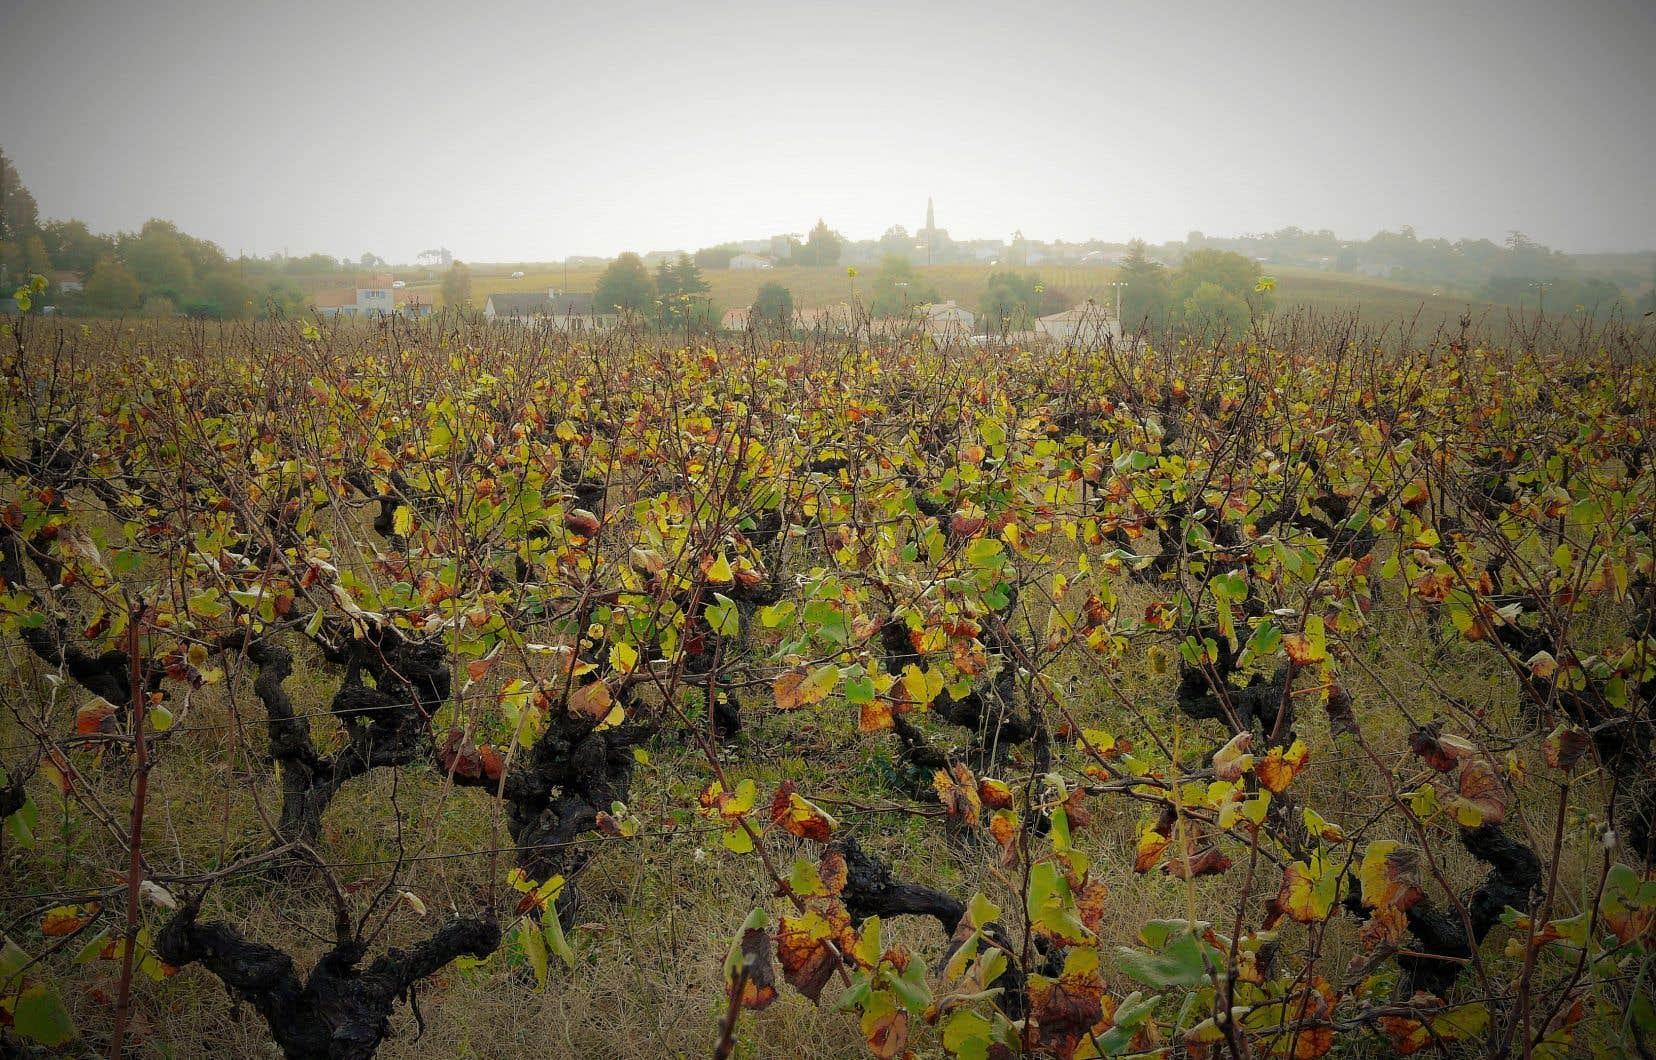 Vieilles vignes de melon au château du Coing de Saint-Fiacre